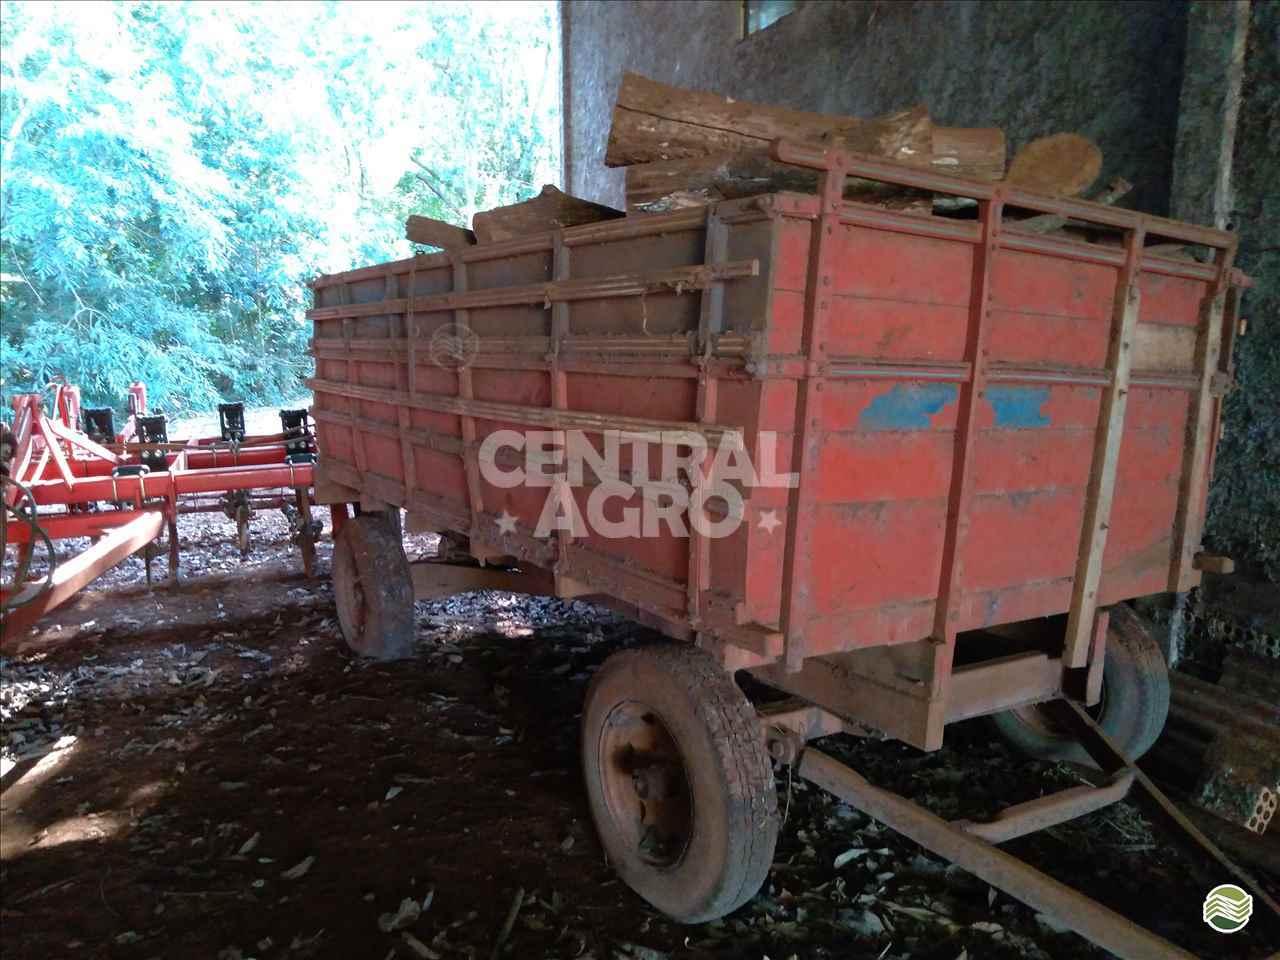 IMPLEMENTOS AGRICOLAS CARRETA AGRÍCOLA CARRETA CARROCERIA Central Agro CASCAVEL PARANÁ PR